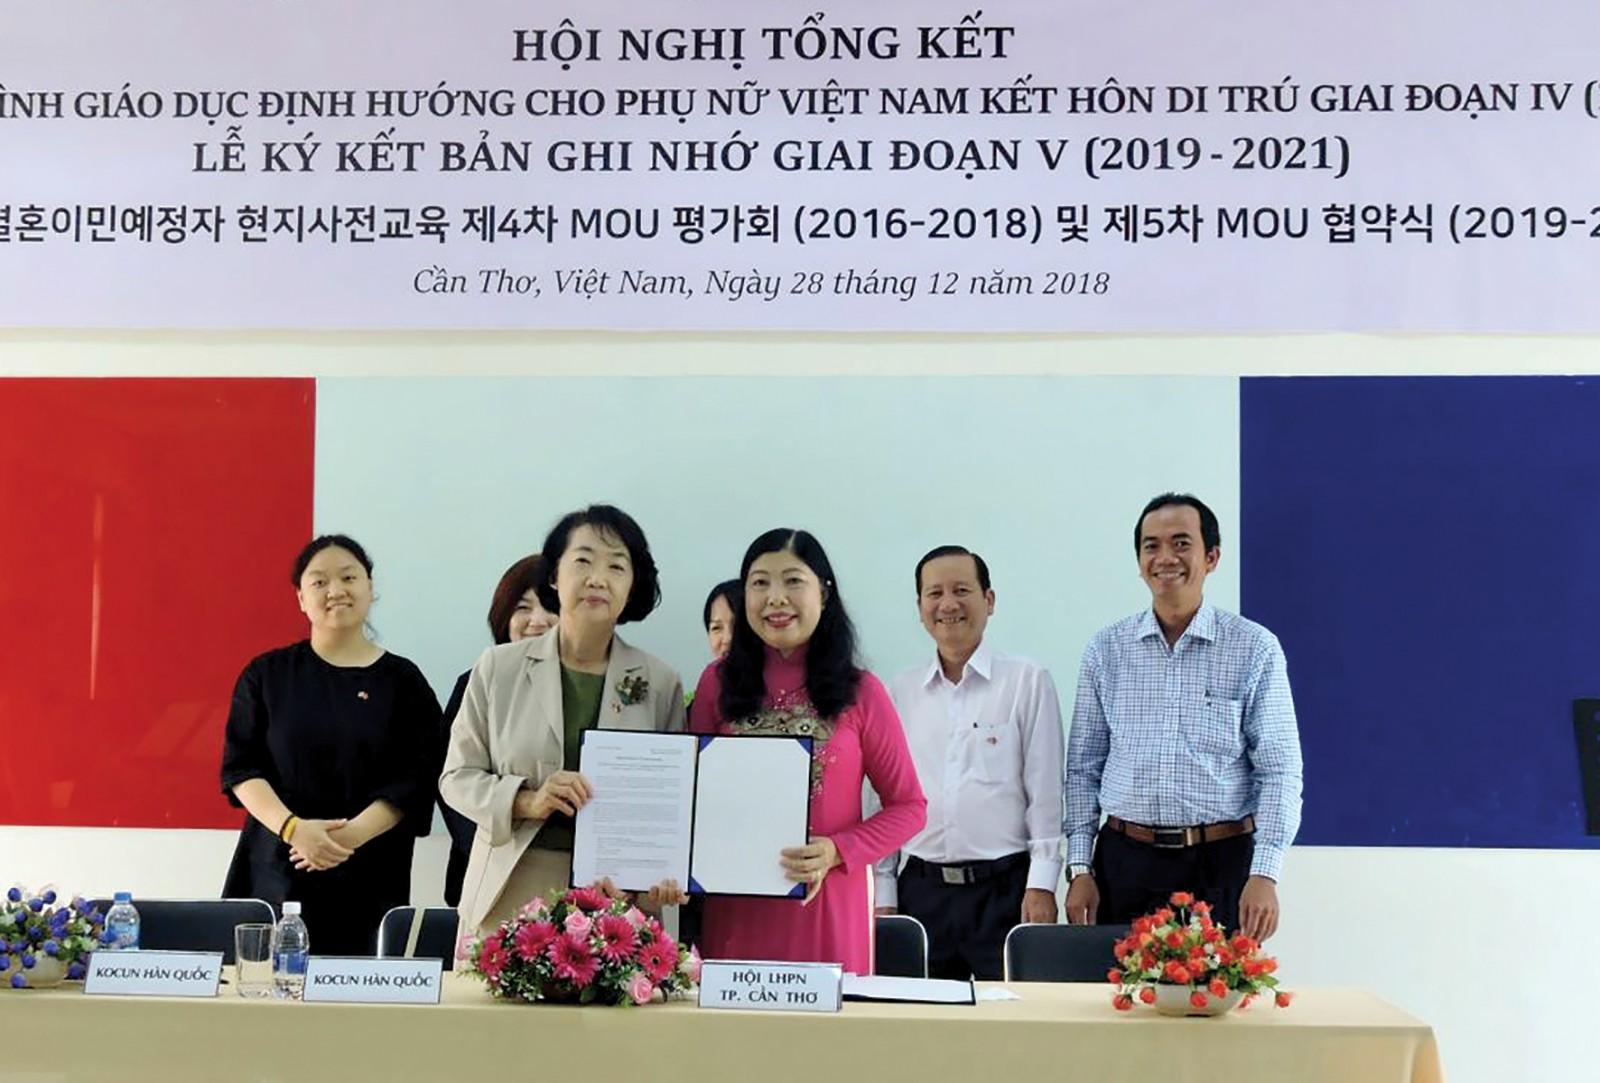 Bà Chong Chin Song và bà Diệp Thị Thu Hồng đại diện 2 đơn vị ký kết và công bố bản ghi nhớ thực hiện chương trình giai đoạn V. Ảnh: MỸ TÚ